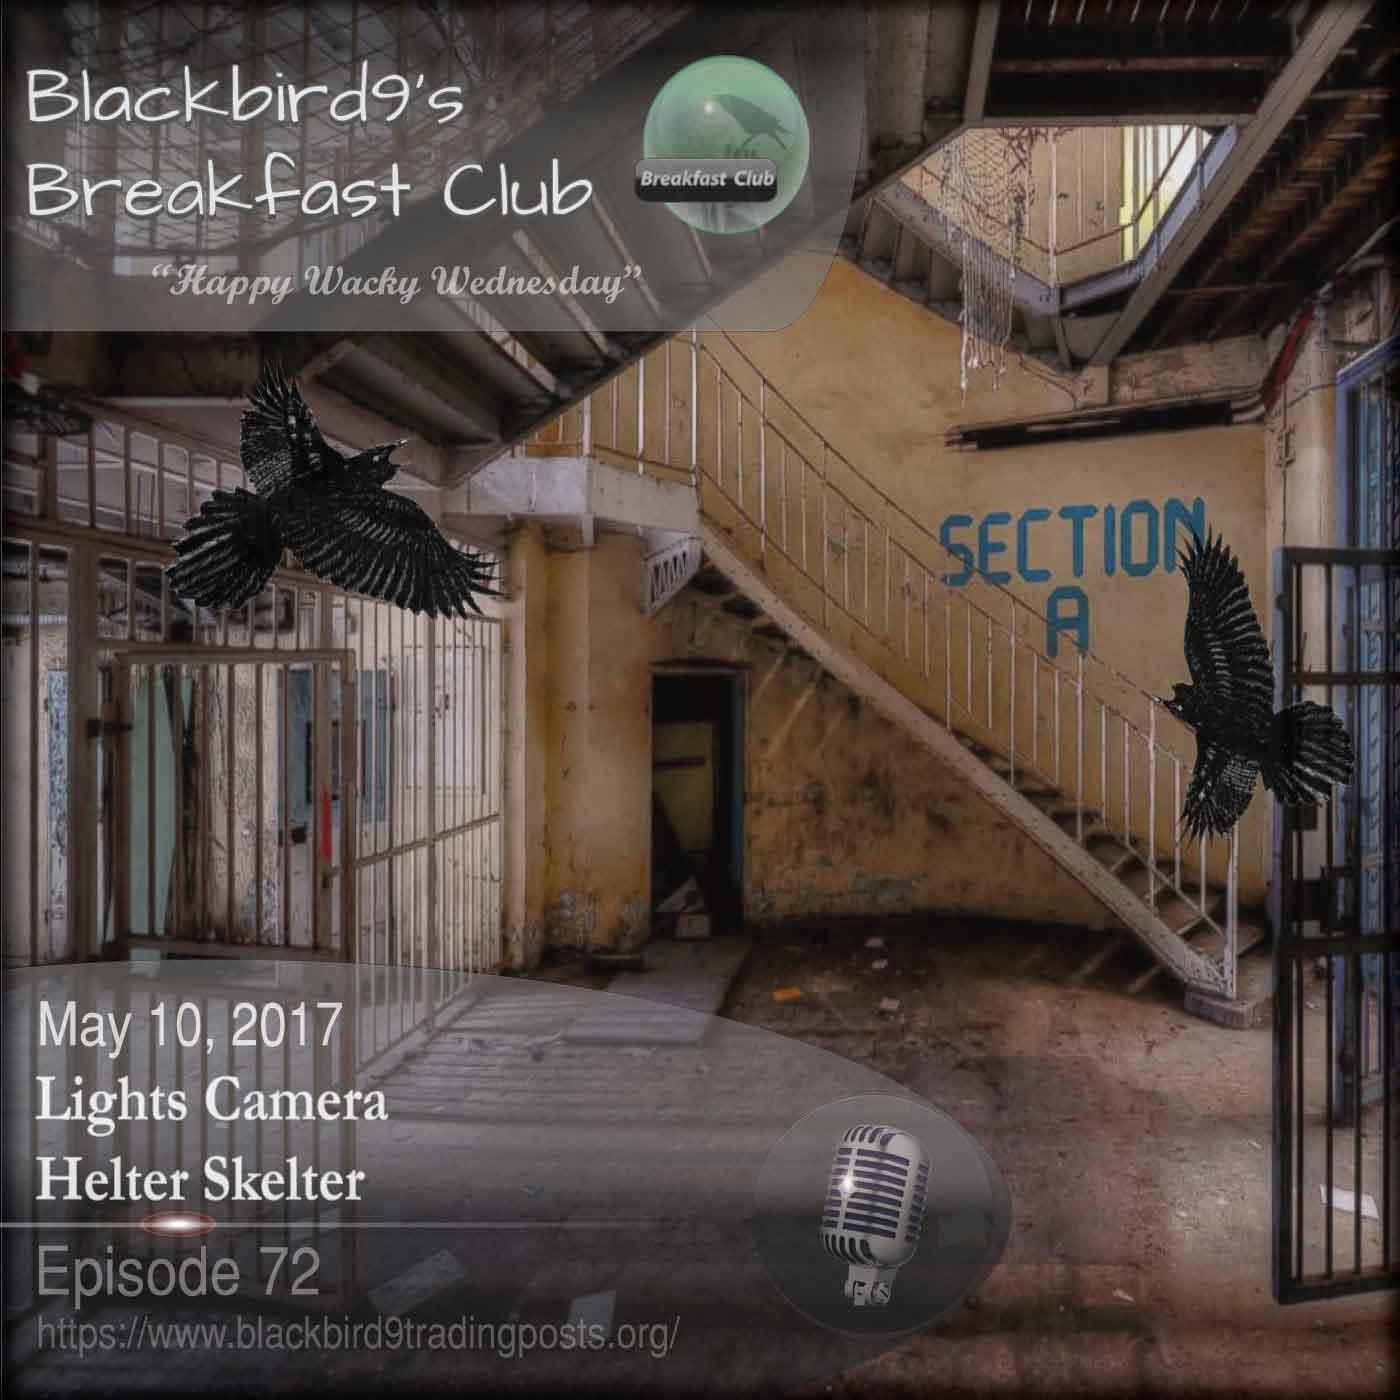 Lights Camera Helter Skelter - Blackbird9